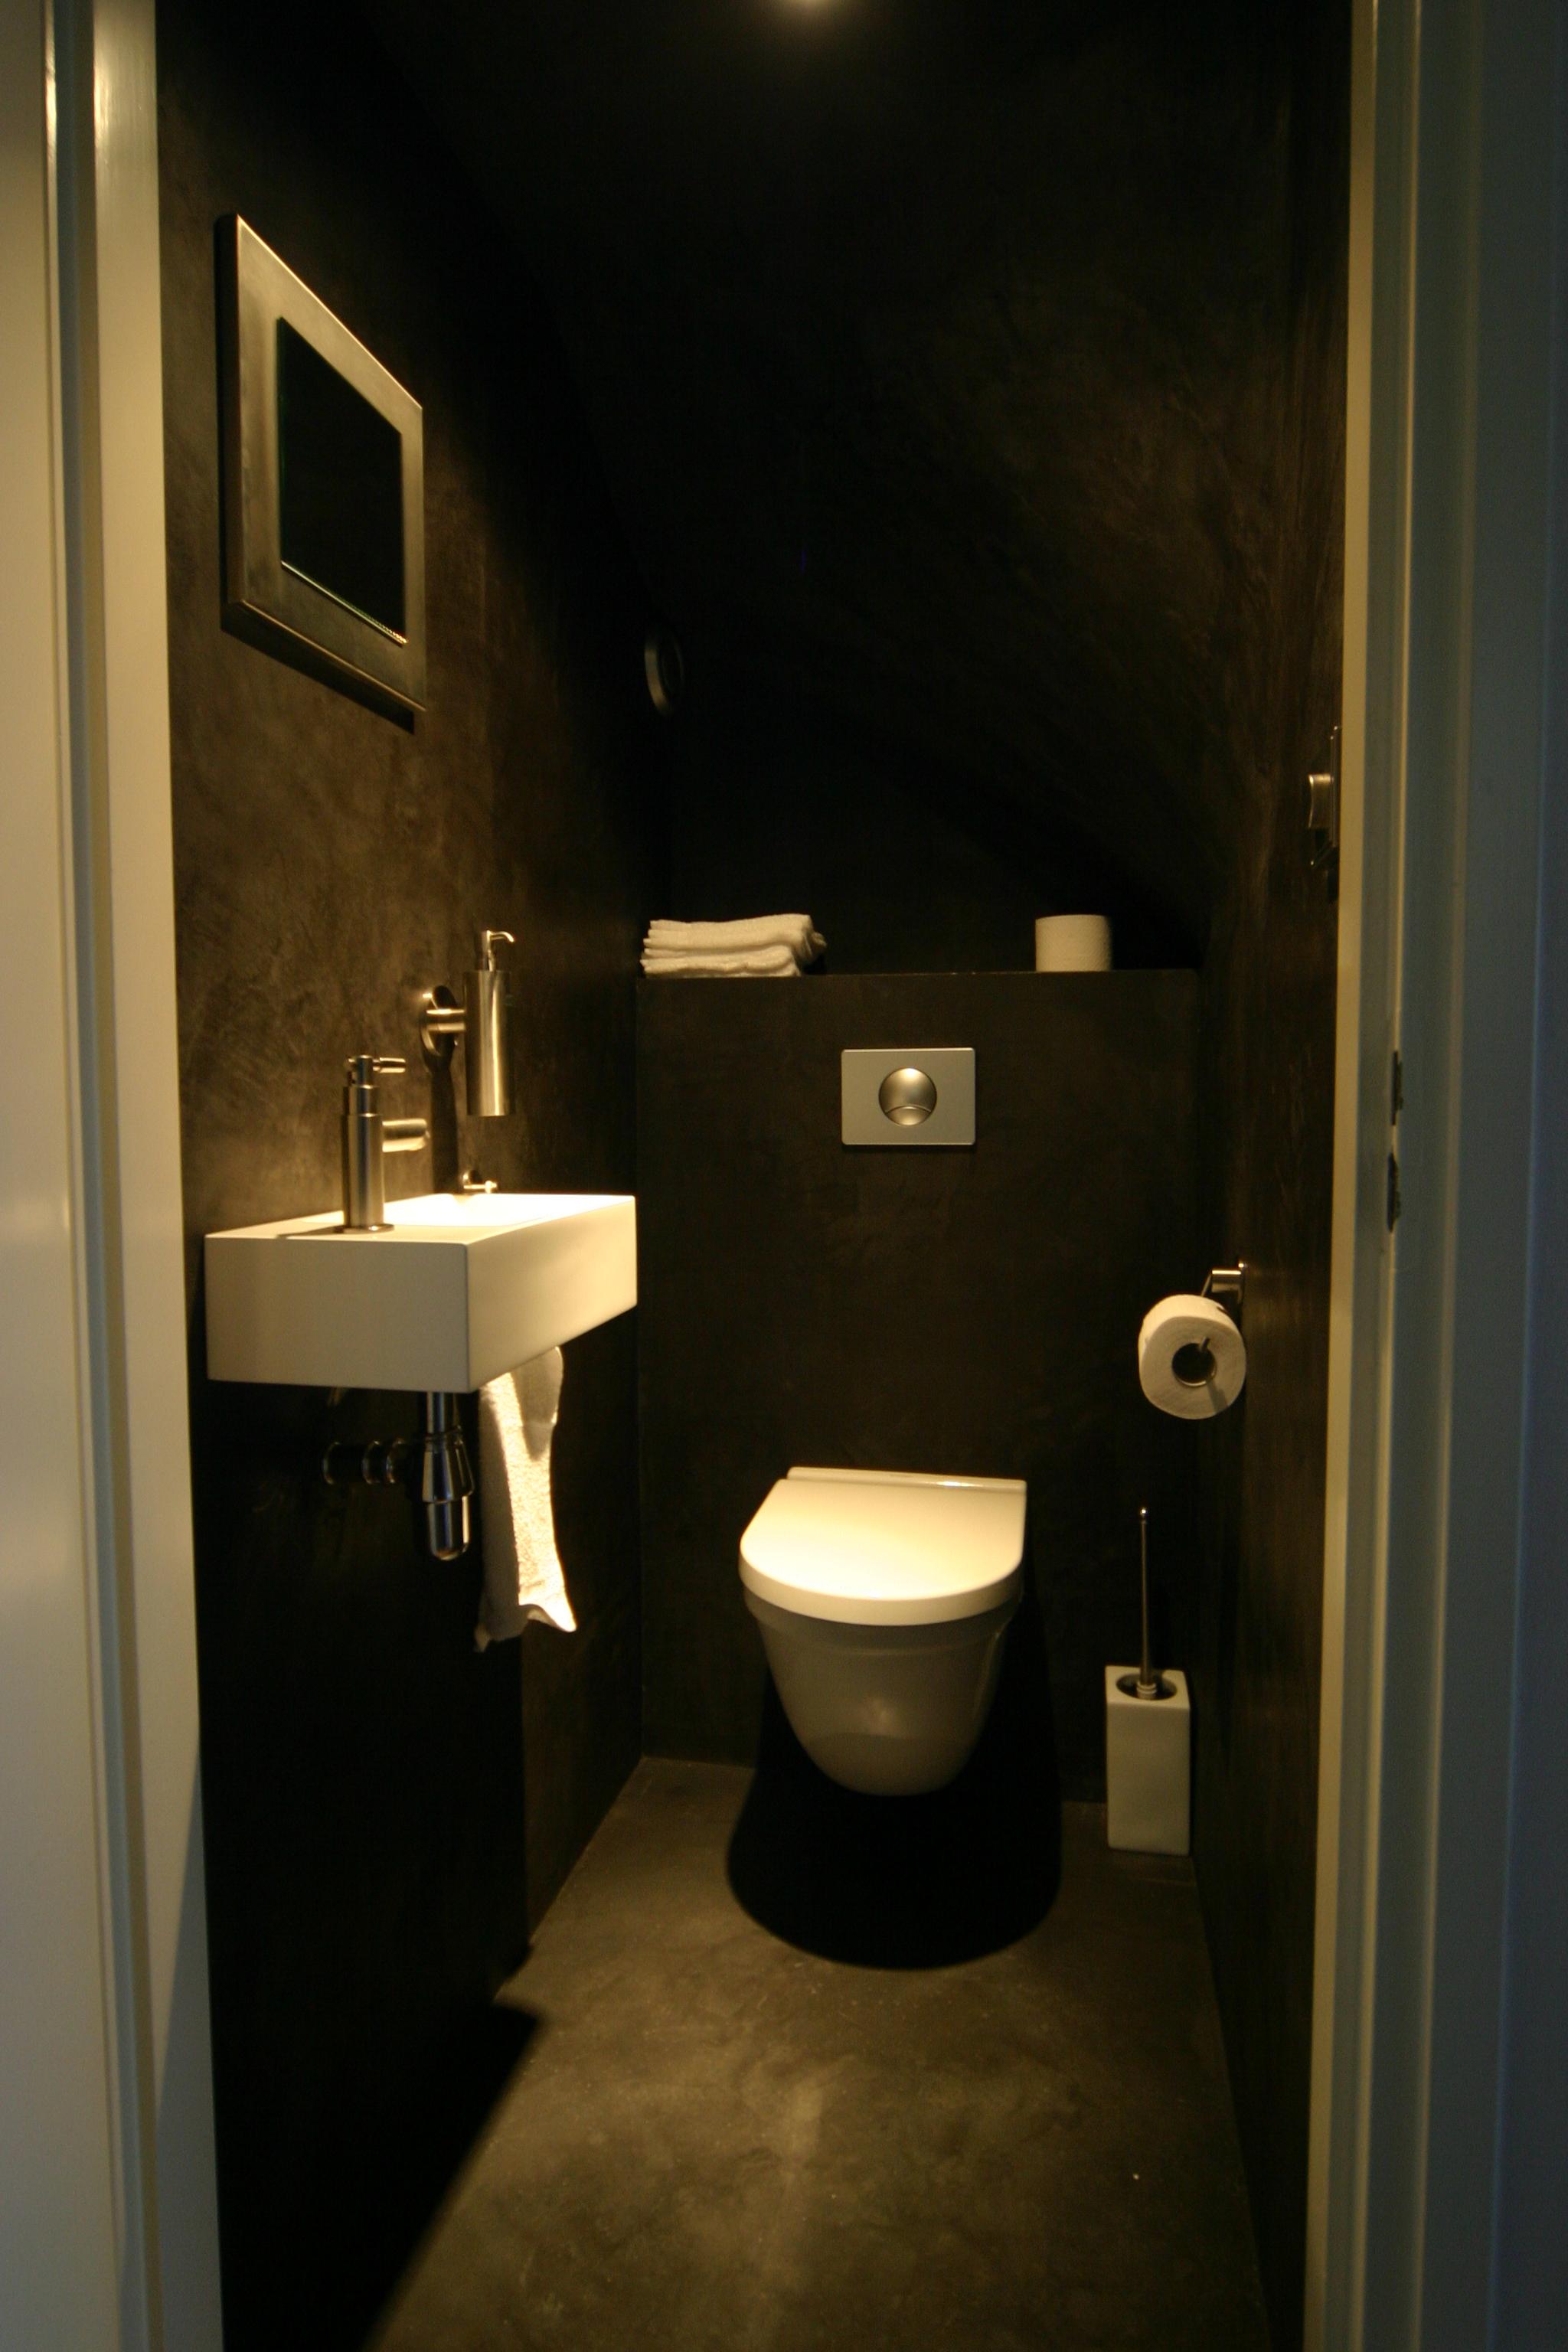 toilet stukwerk stucwerk unilth keim vloerafwerking ludwig luschen ...